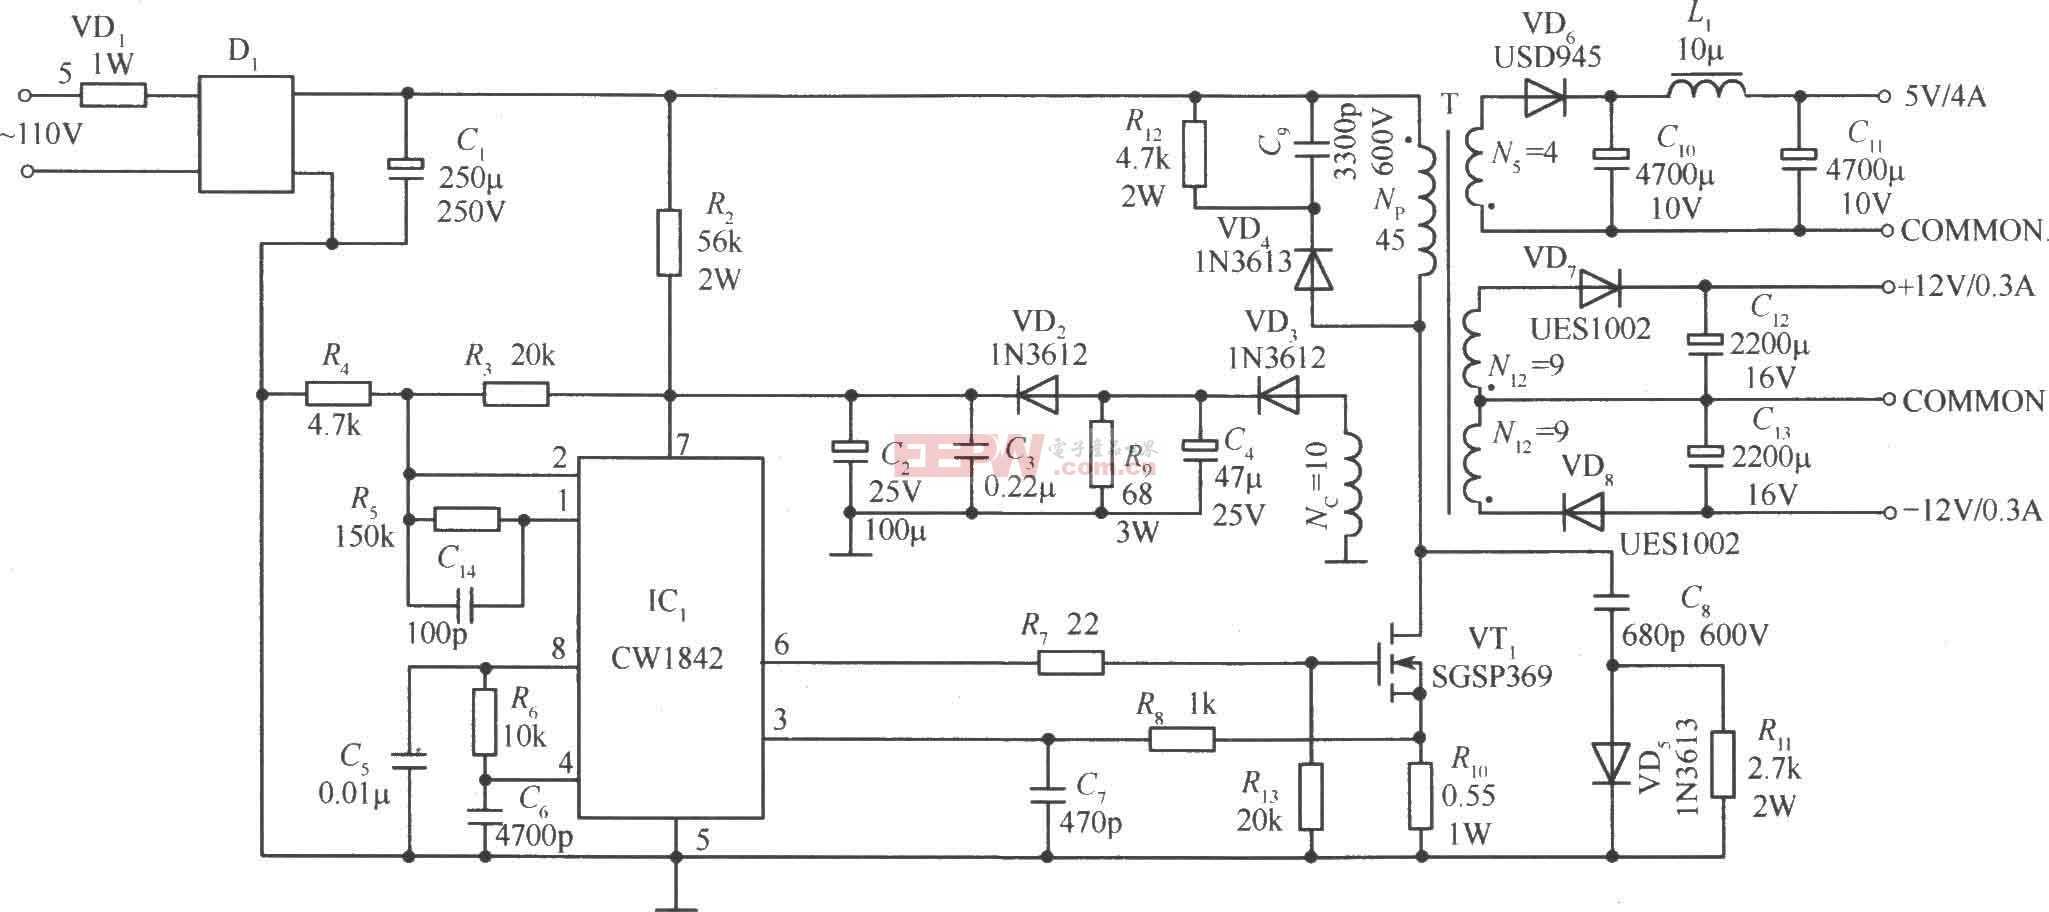 由CW1842外接功率MOS管组成的隔离式开关稳压电源电路